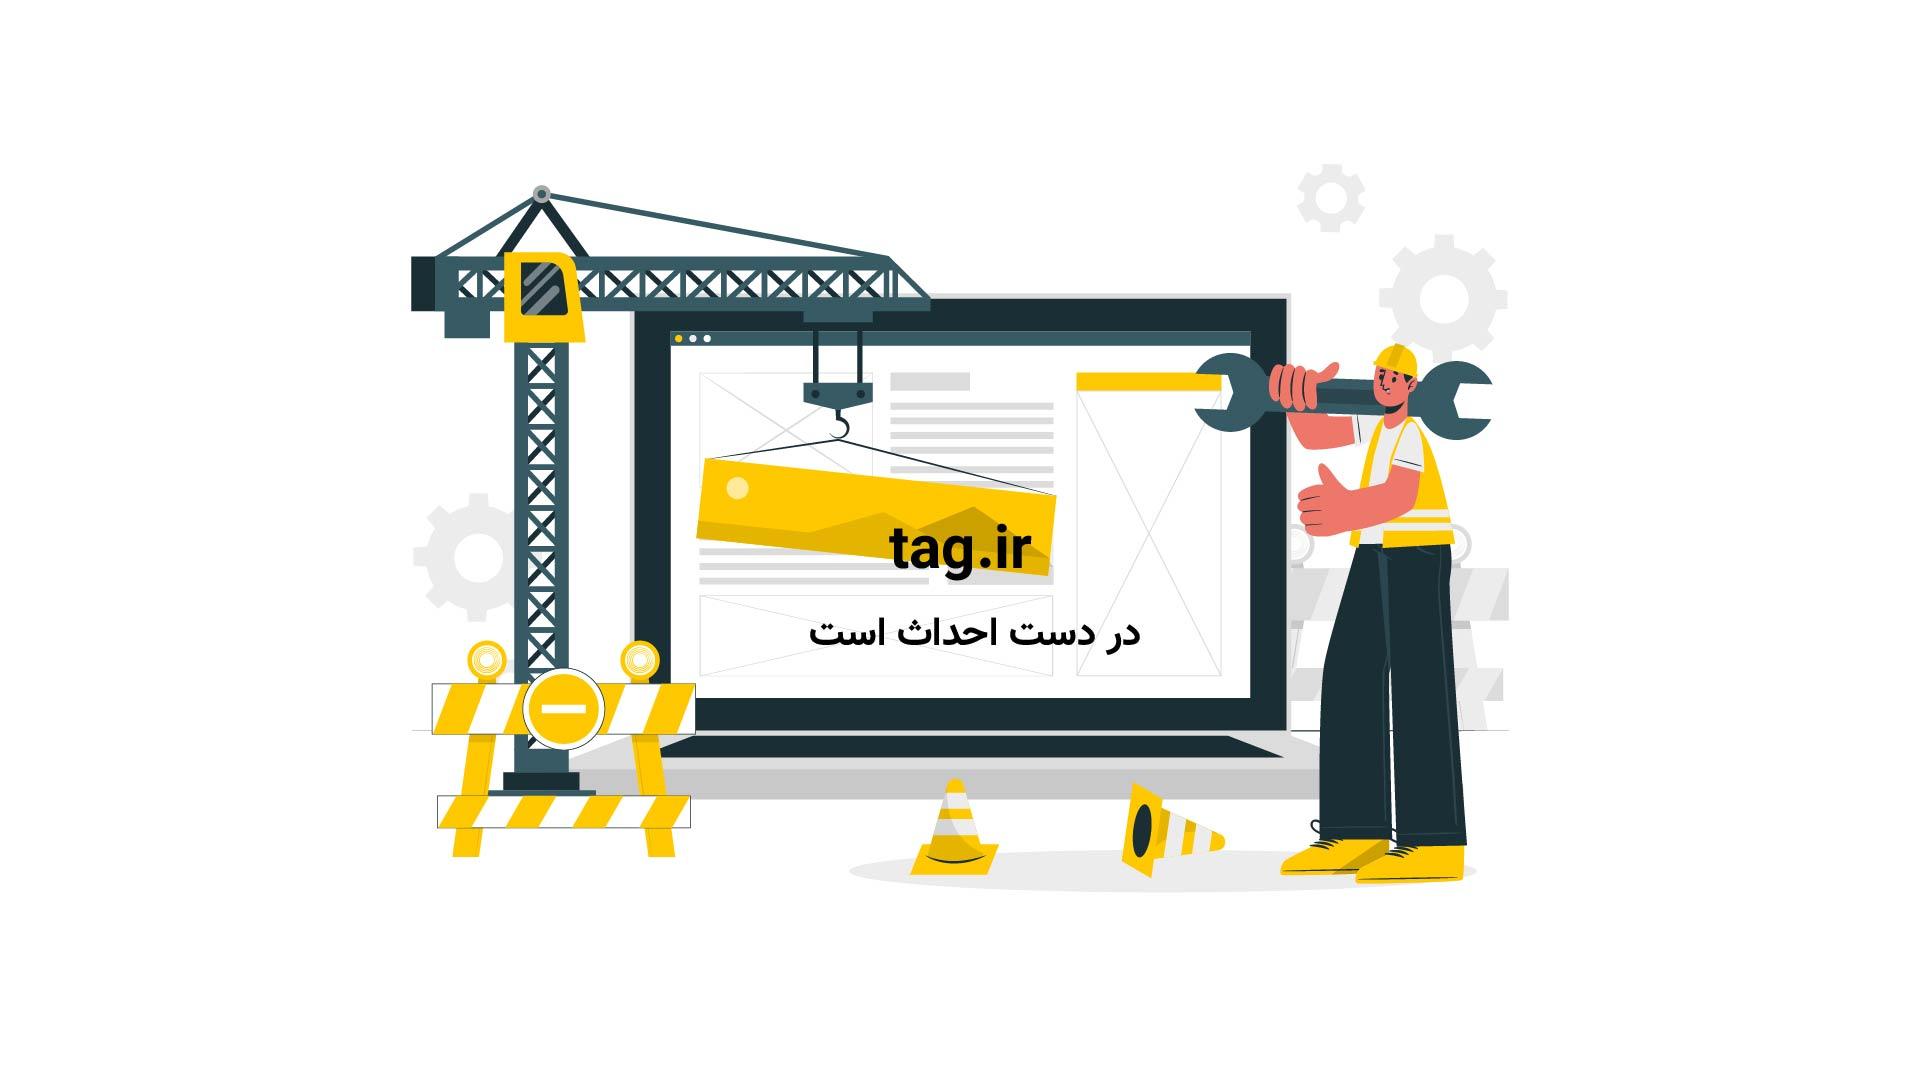 سخنرانیهای تد؛ آیا مطمئن هستید که ایمیلهایتان محرمانه است؟! |فیلم